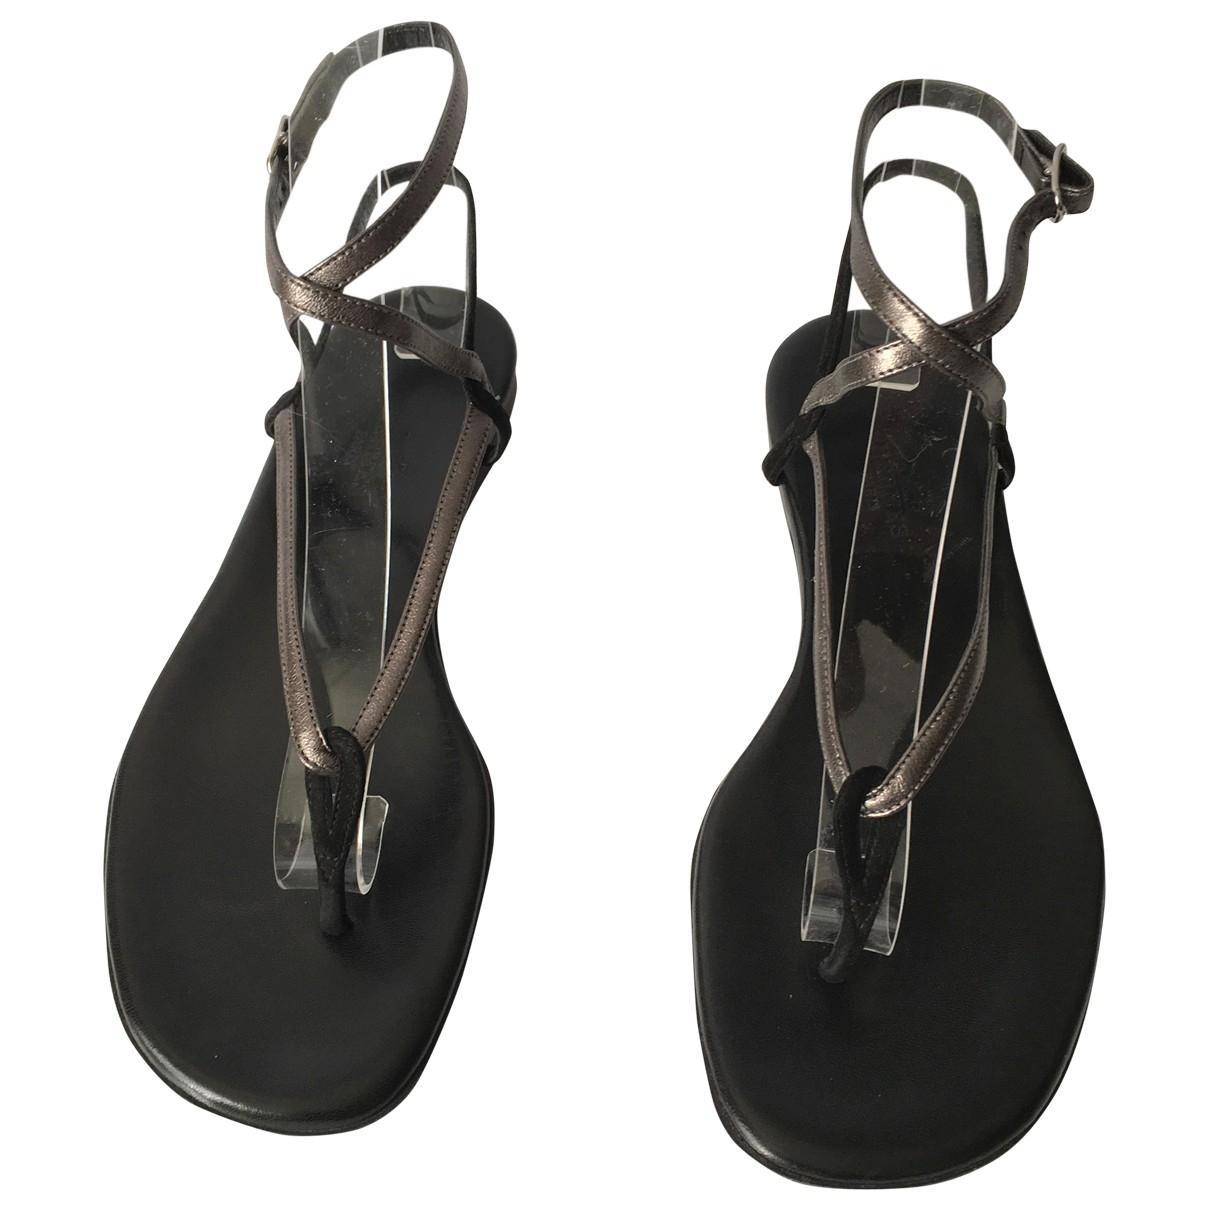 e81cd51ec09d Hermès. Women s Black Leather Sandals. £344 From Vestiaire Collective